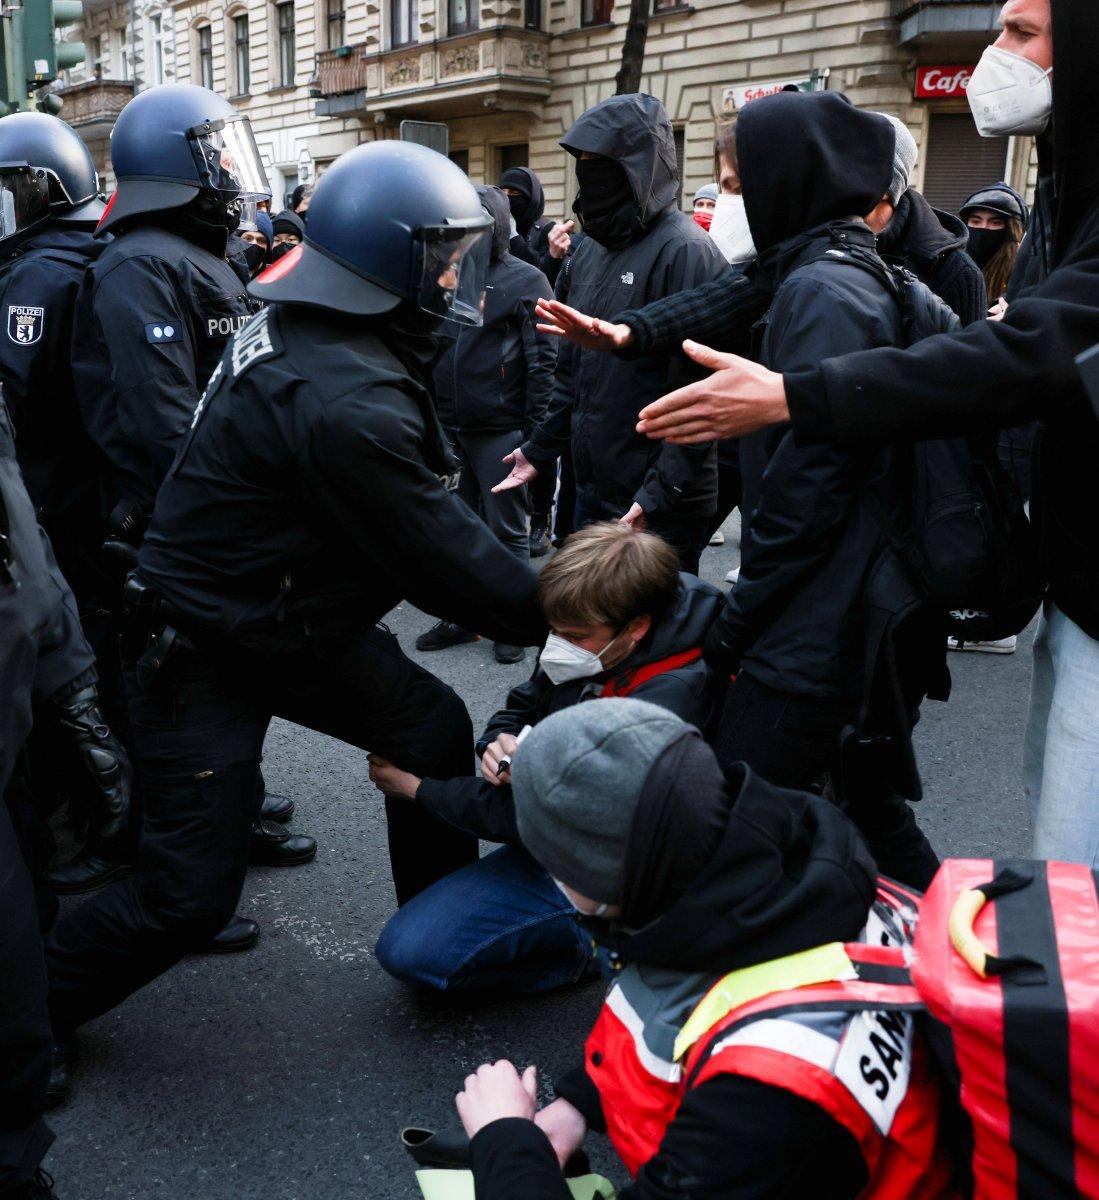 Alman basınının Türk polisi hakkında algı oluşturma çabası #10